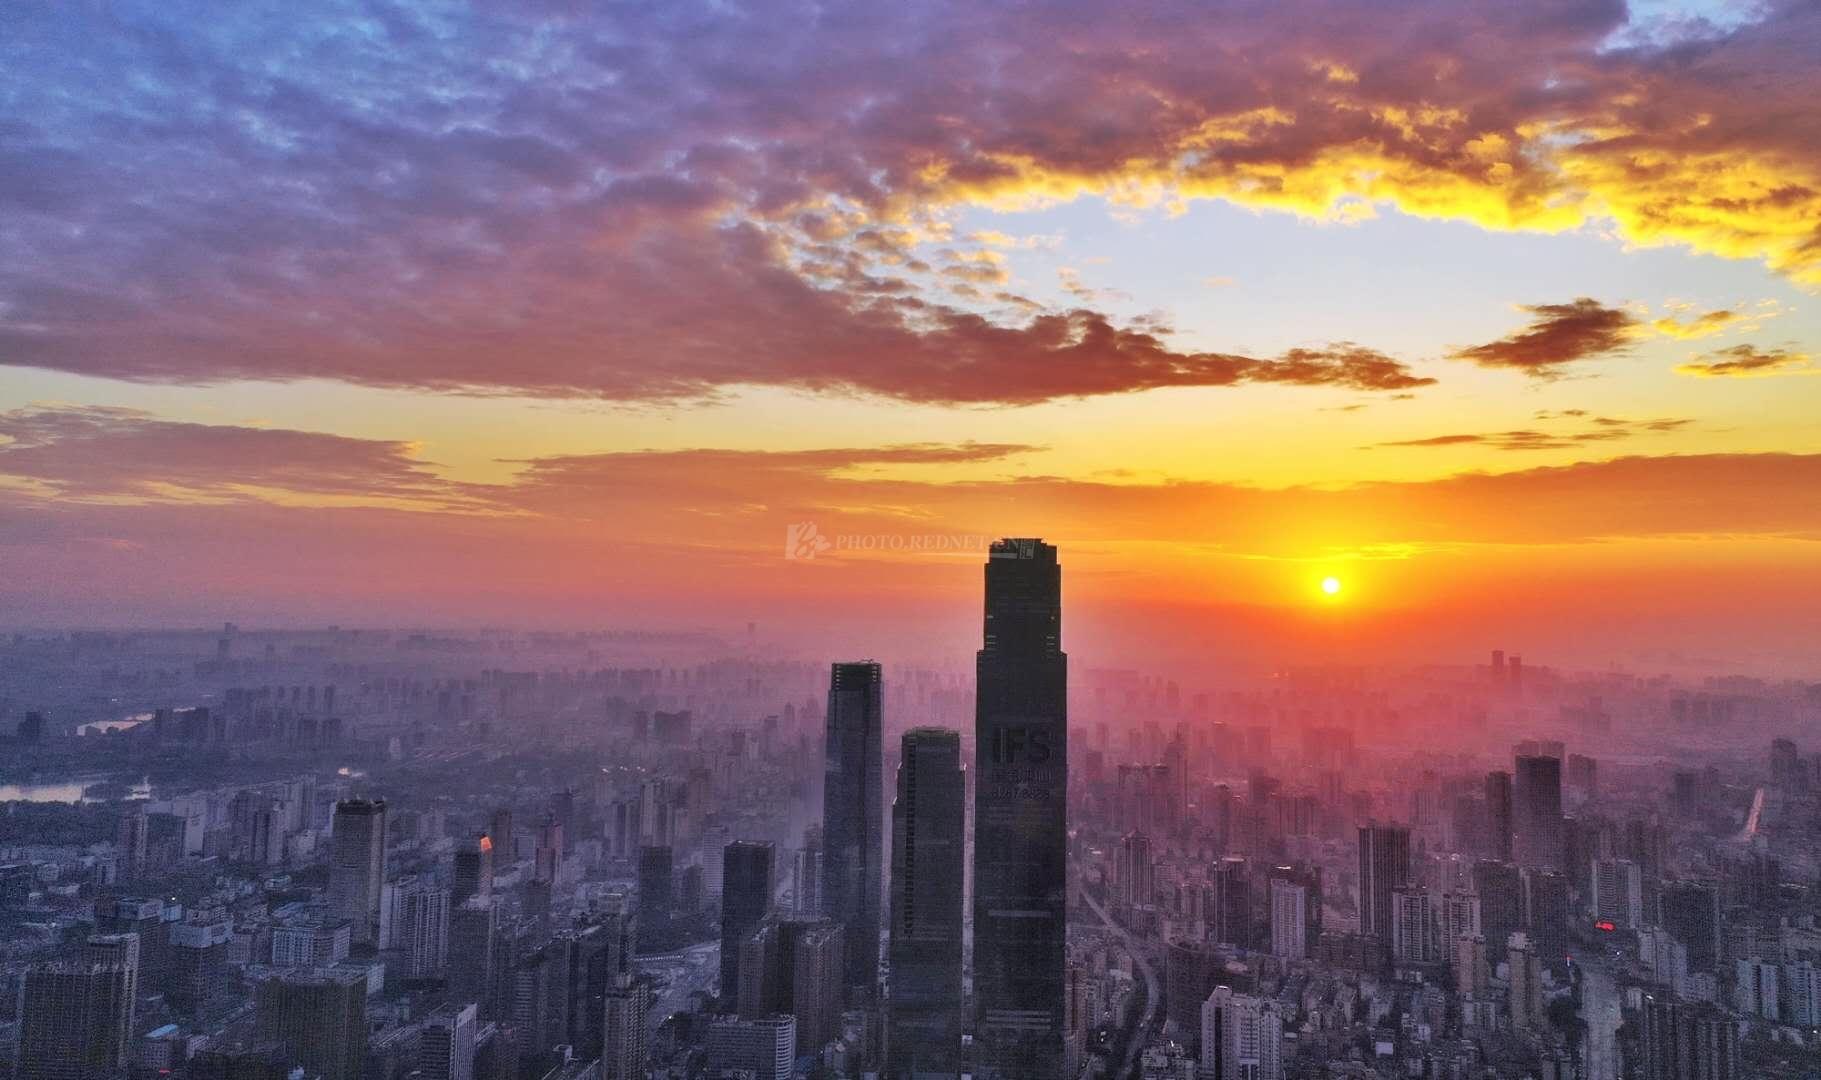 10月22日清晨,长沙朝霞满天,映红了半边天际,大自然鬼斧神功的雕琢如梦似幻。(图/彭福宗)